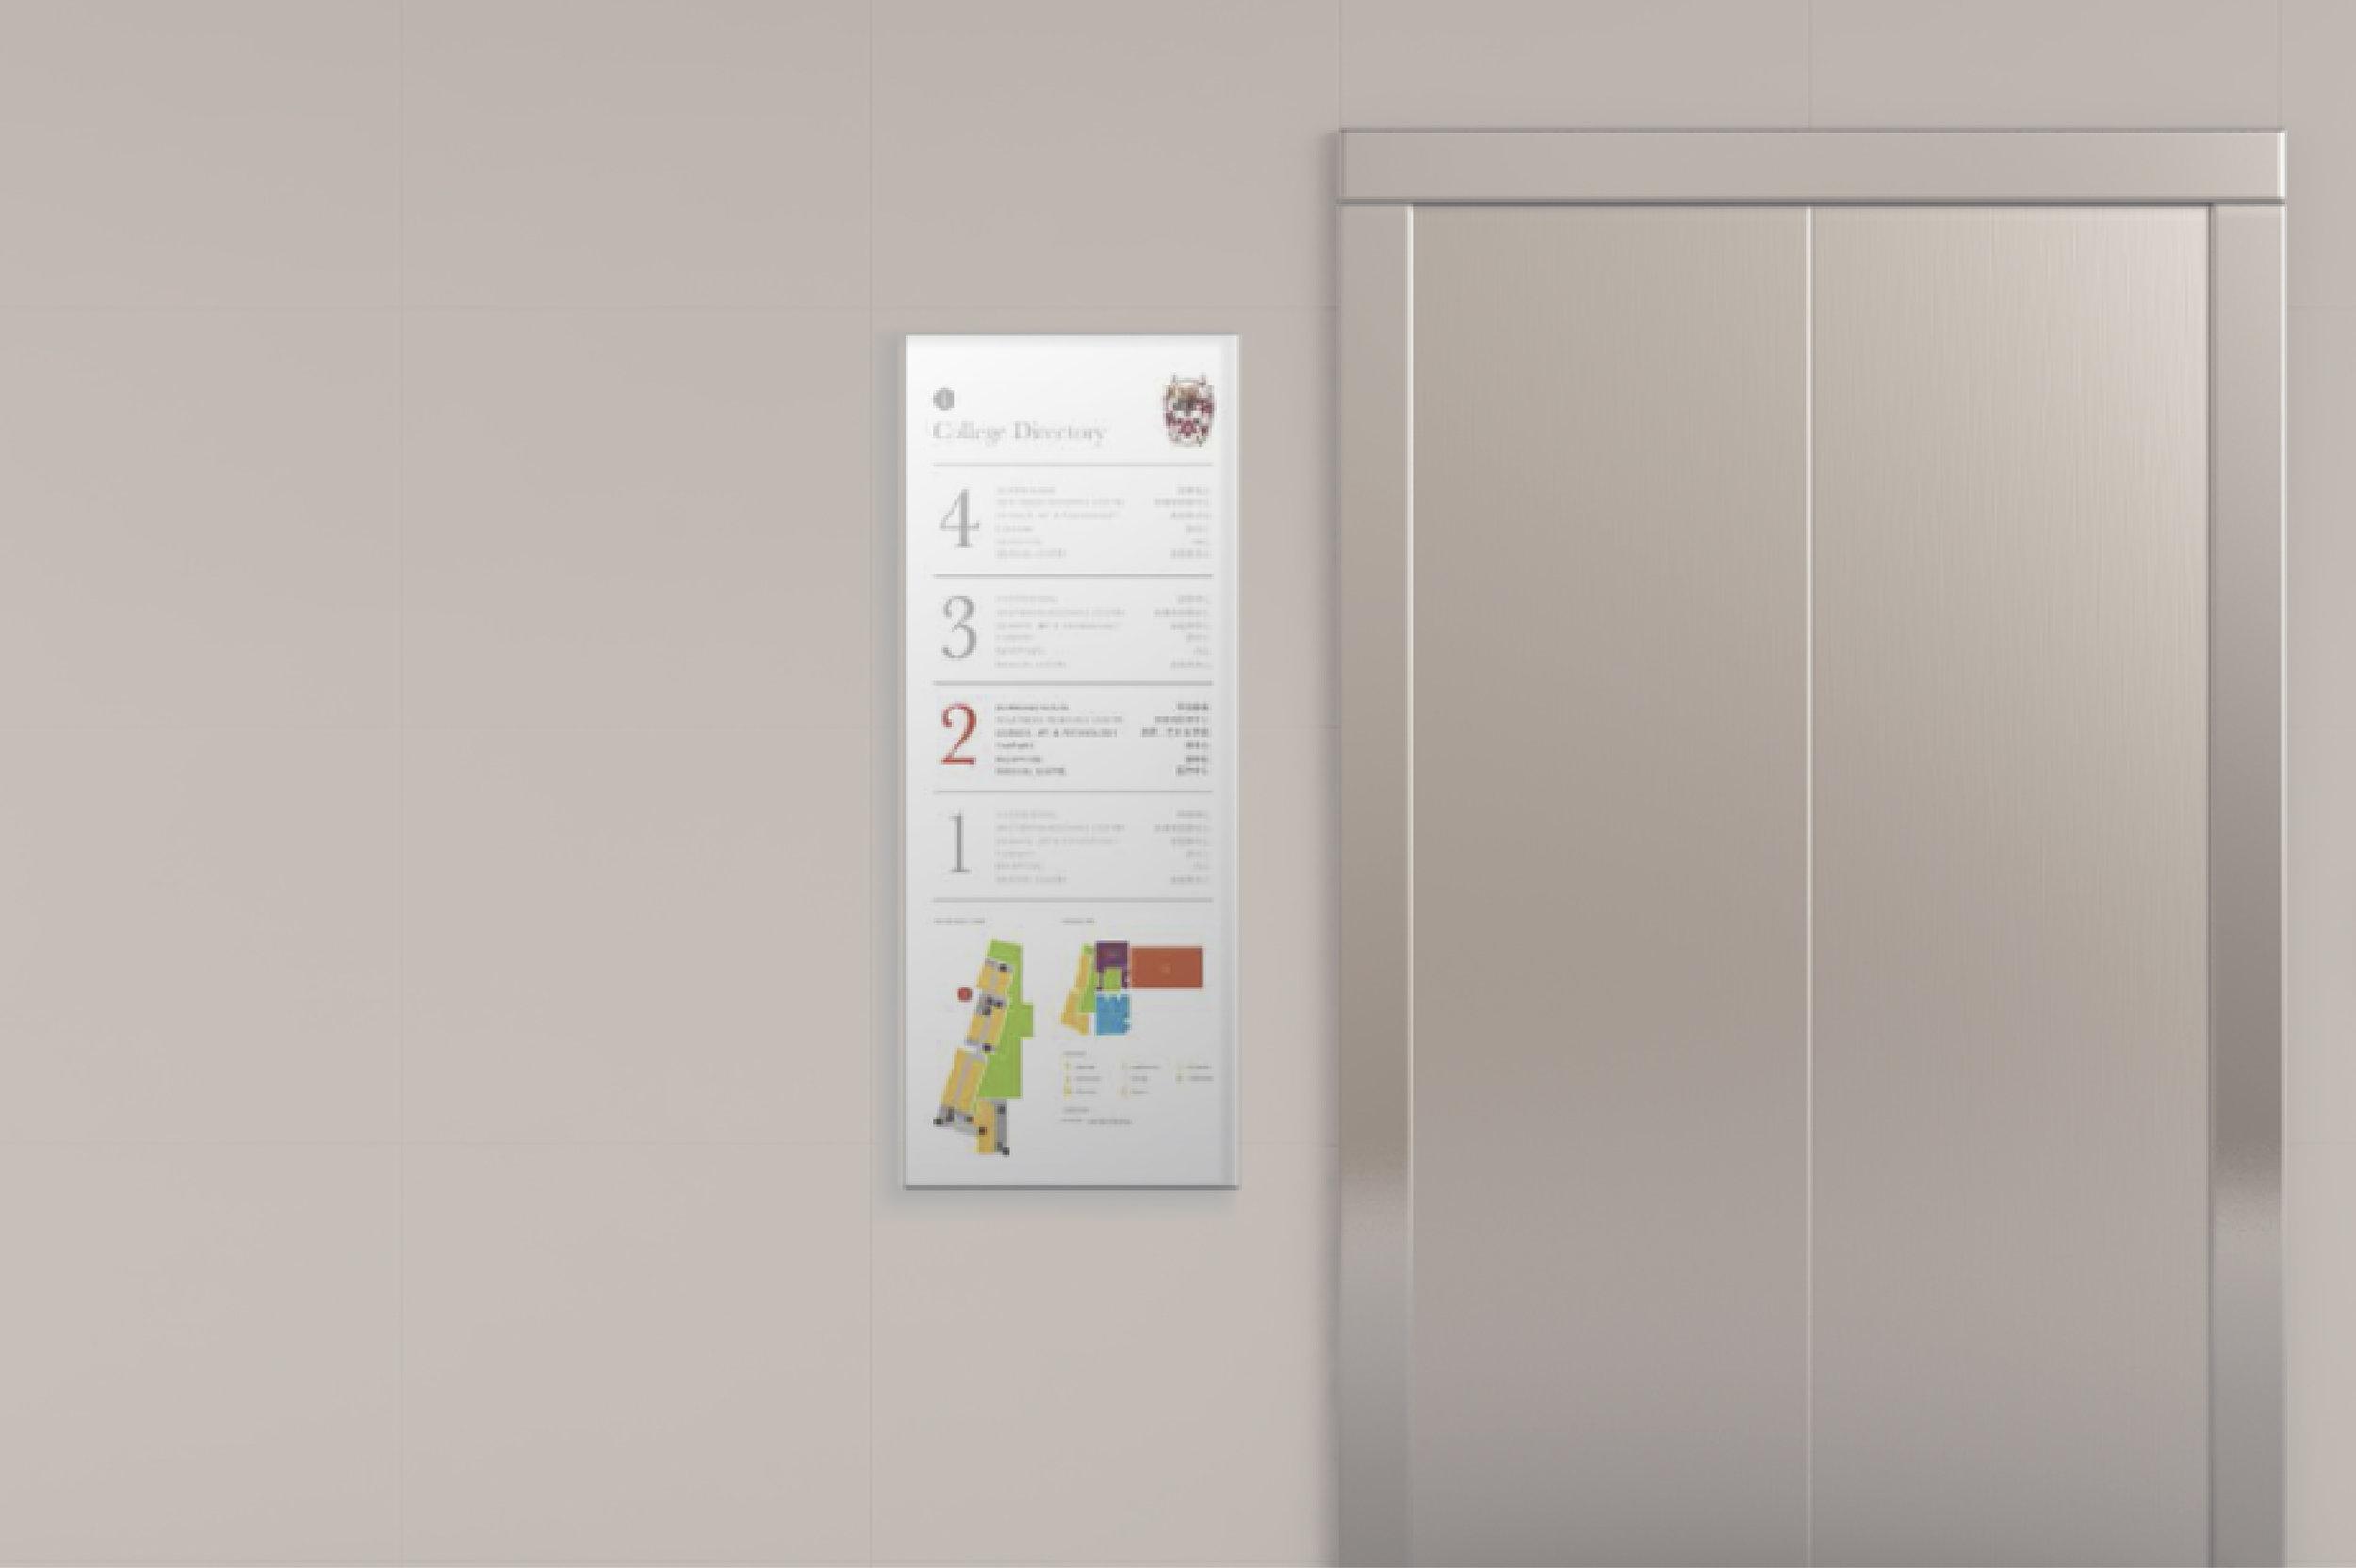 Dulwich Elevator Signage.jpg